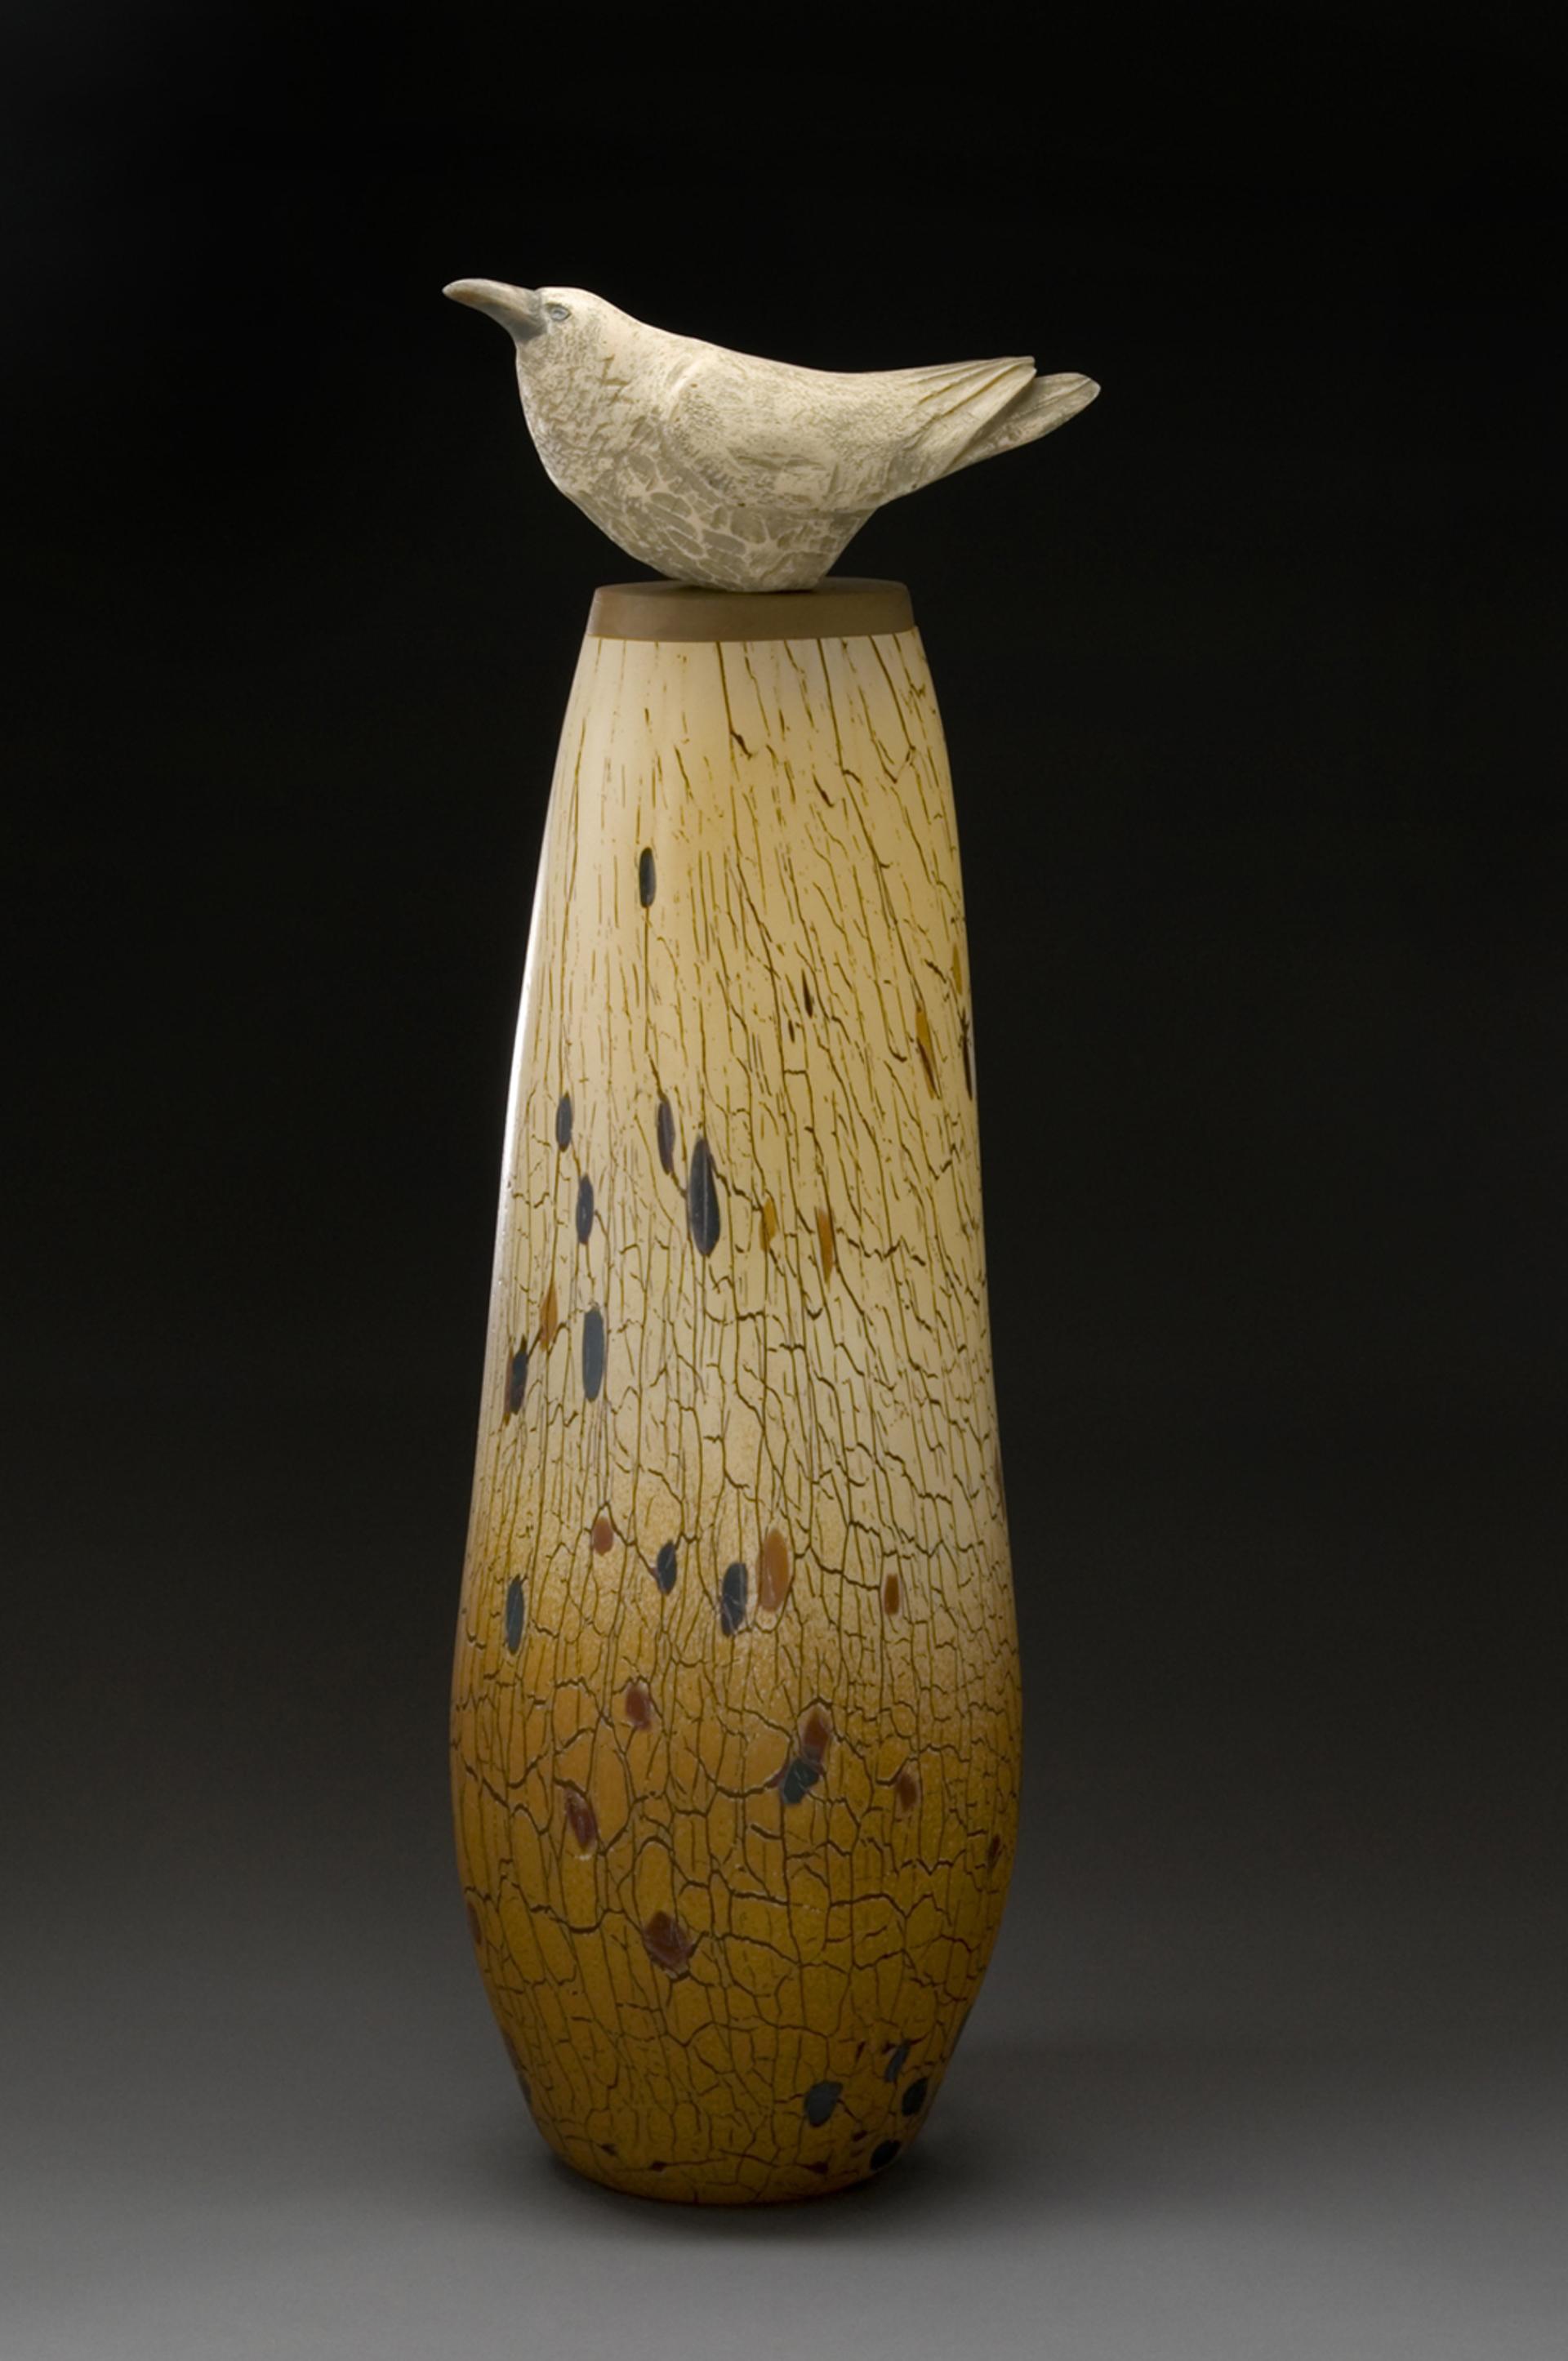 White Raven Spirit Jar by Peter Wright